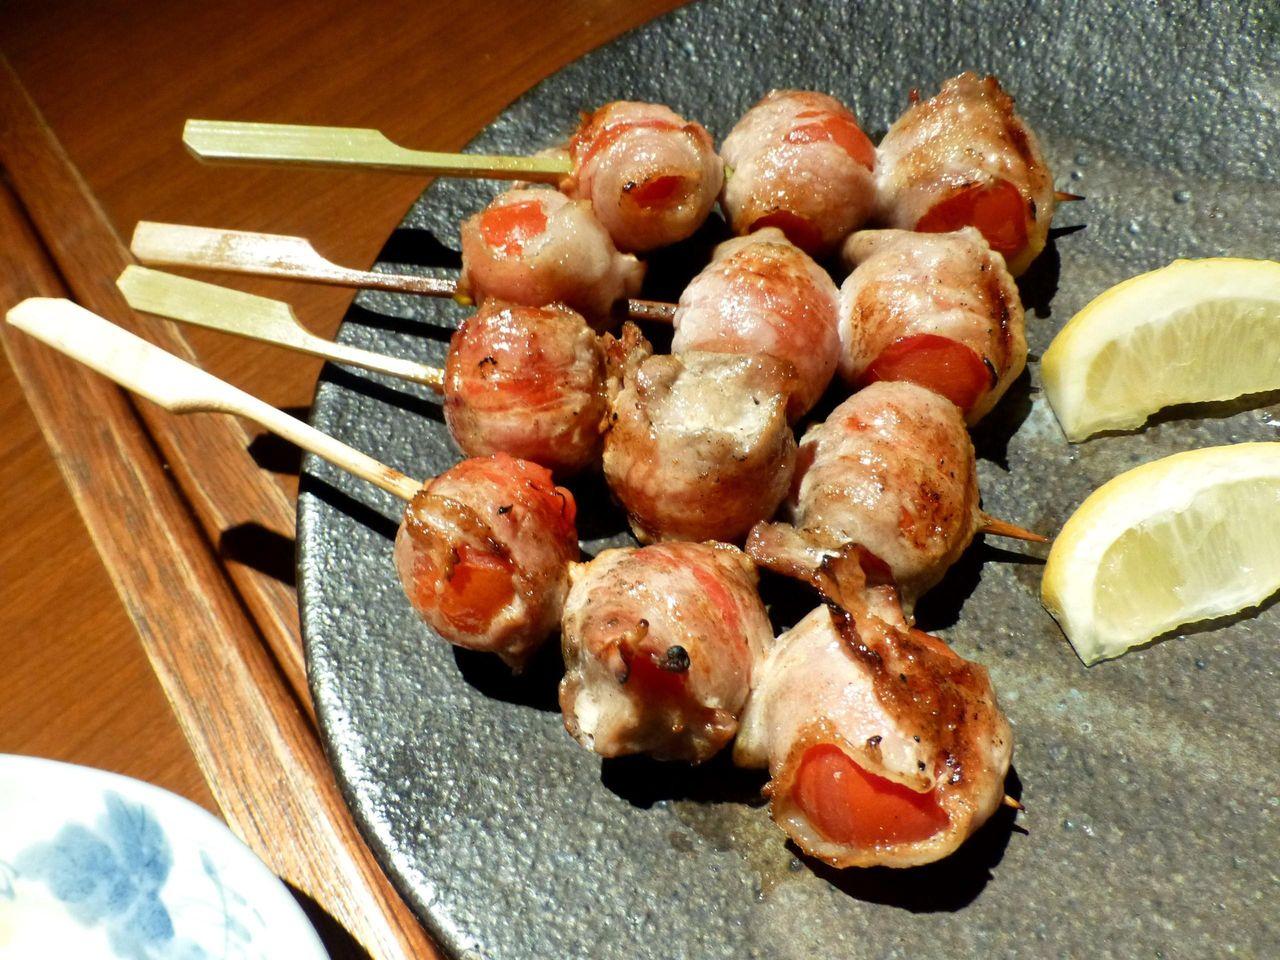 串焼き6本コースのトマト巻!